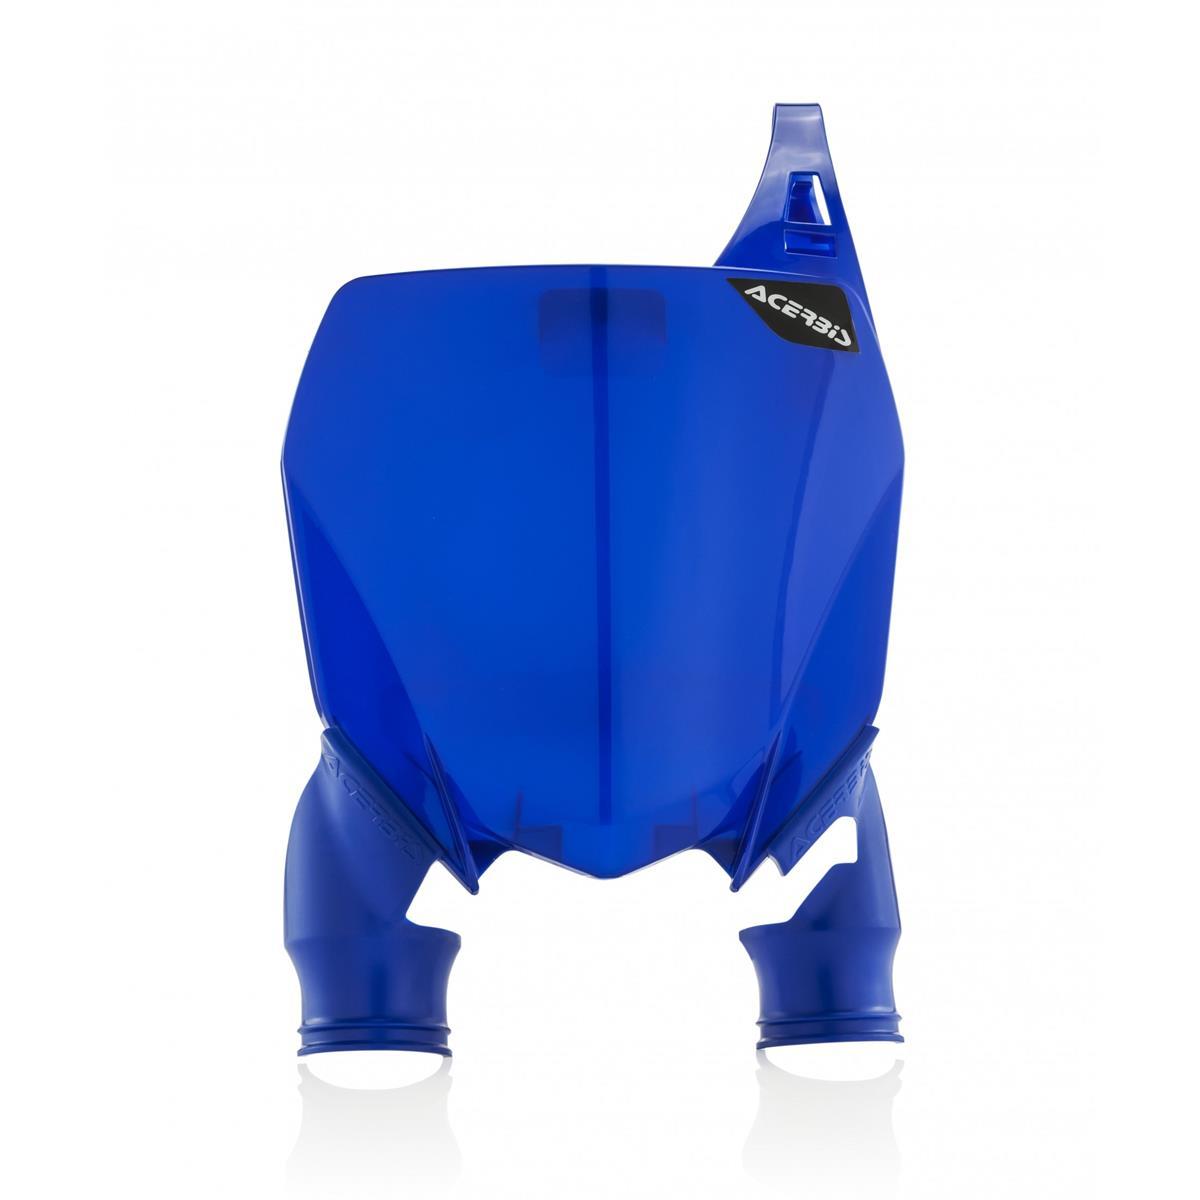 Acerbis Startnummerntafel Raptor Yamaha YZF 450 18, Blau